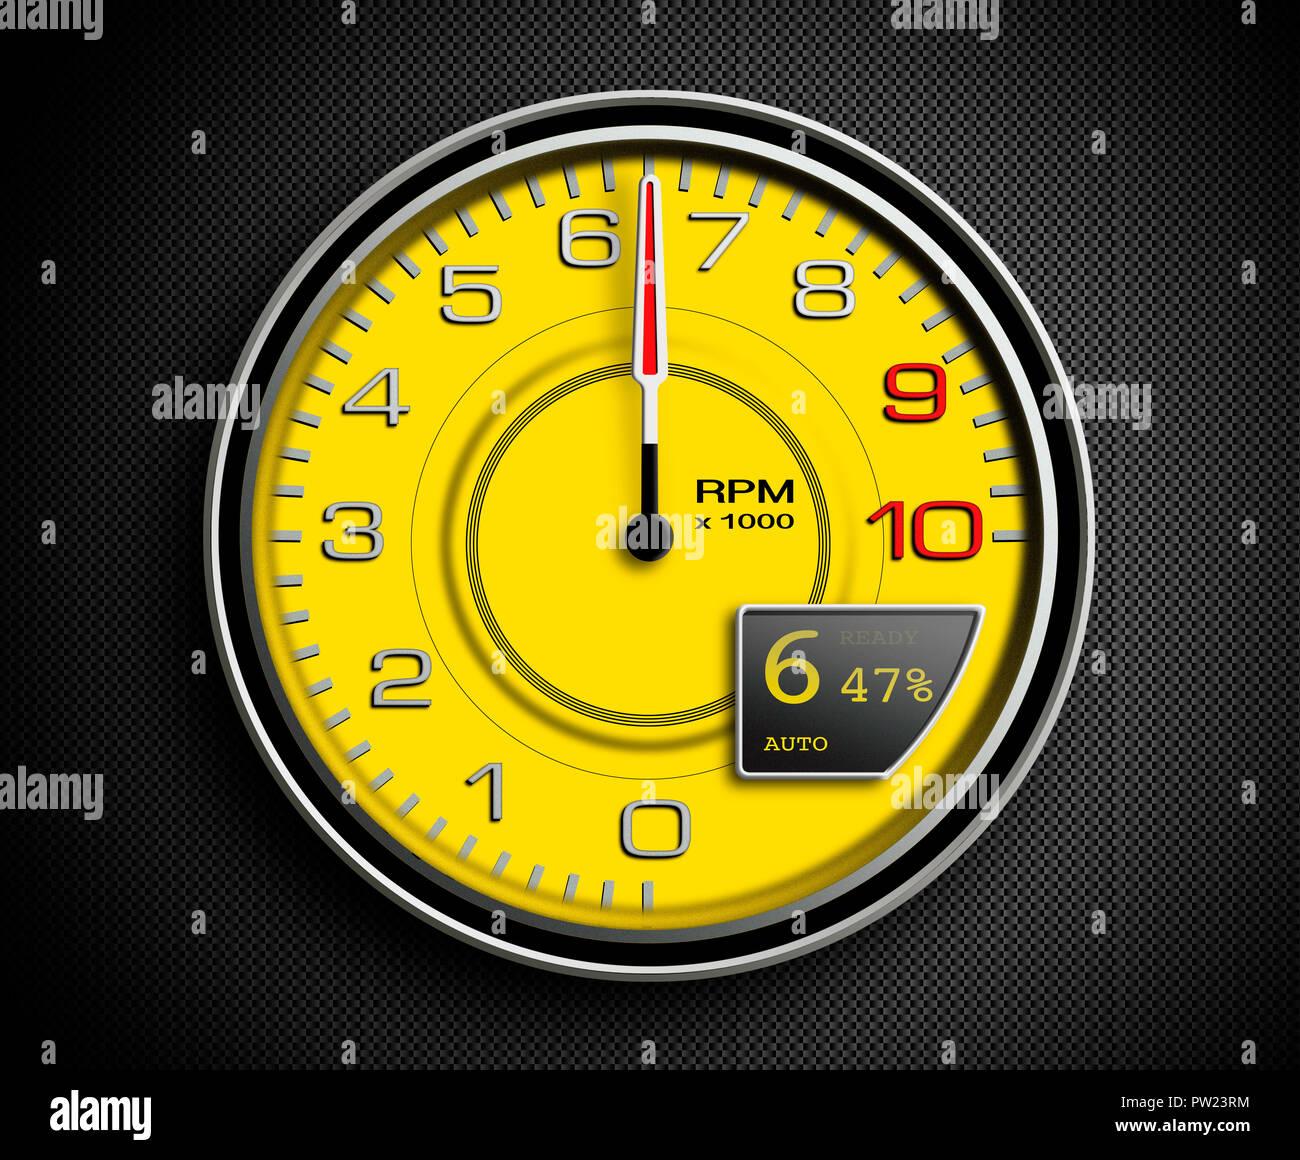 Ein gelbes Auto 1/min bei 6400, Sport Auto, Supersportwagen, Umdrehung pro Minute, Ferrari Stockbild